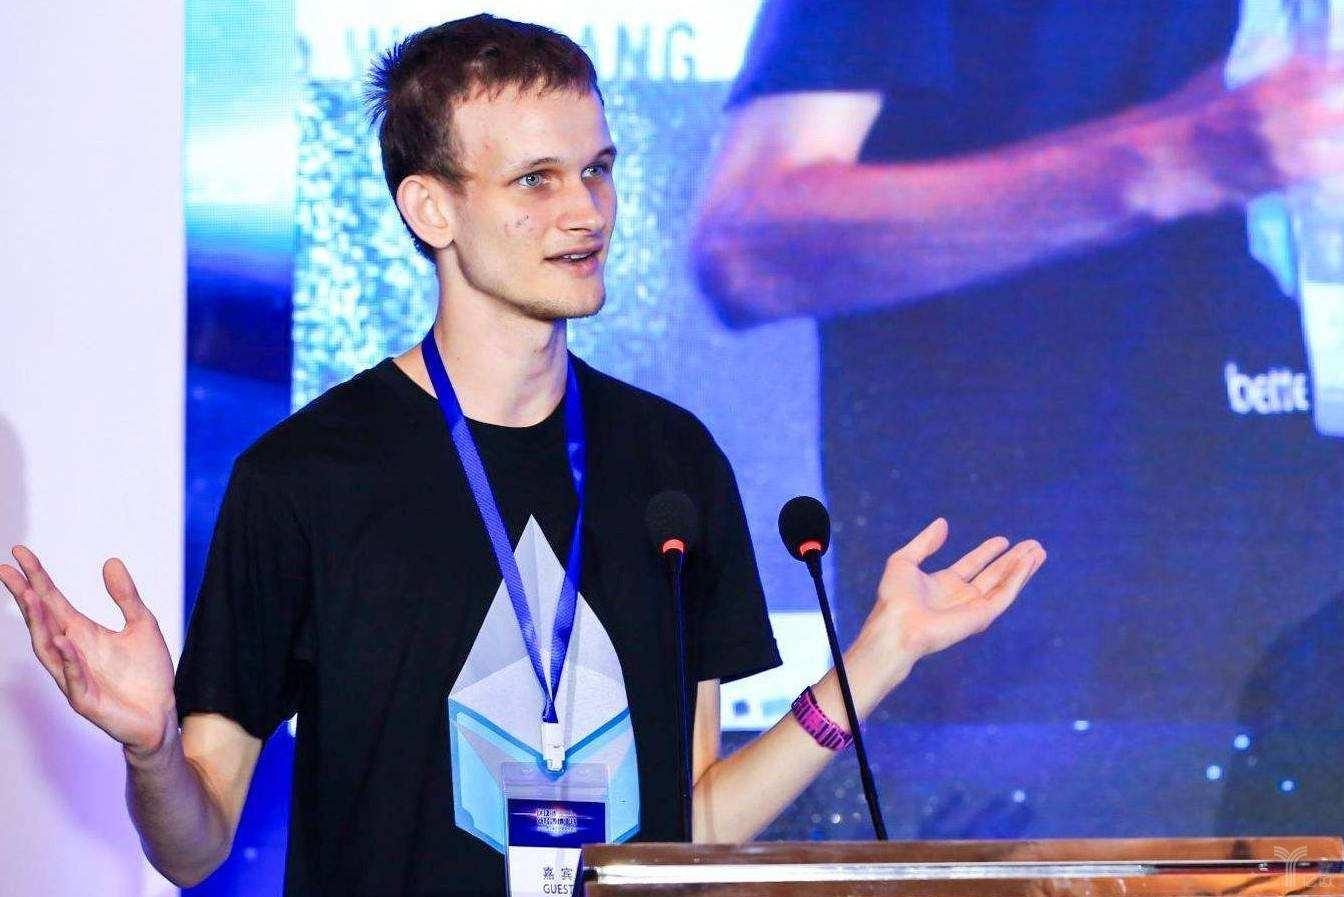 V神BSN峰会发言:以太坊 2.0将有足够的空间支持具有数百万用户的应用程序